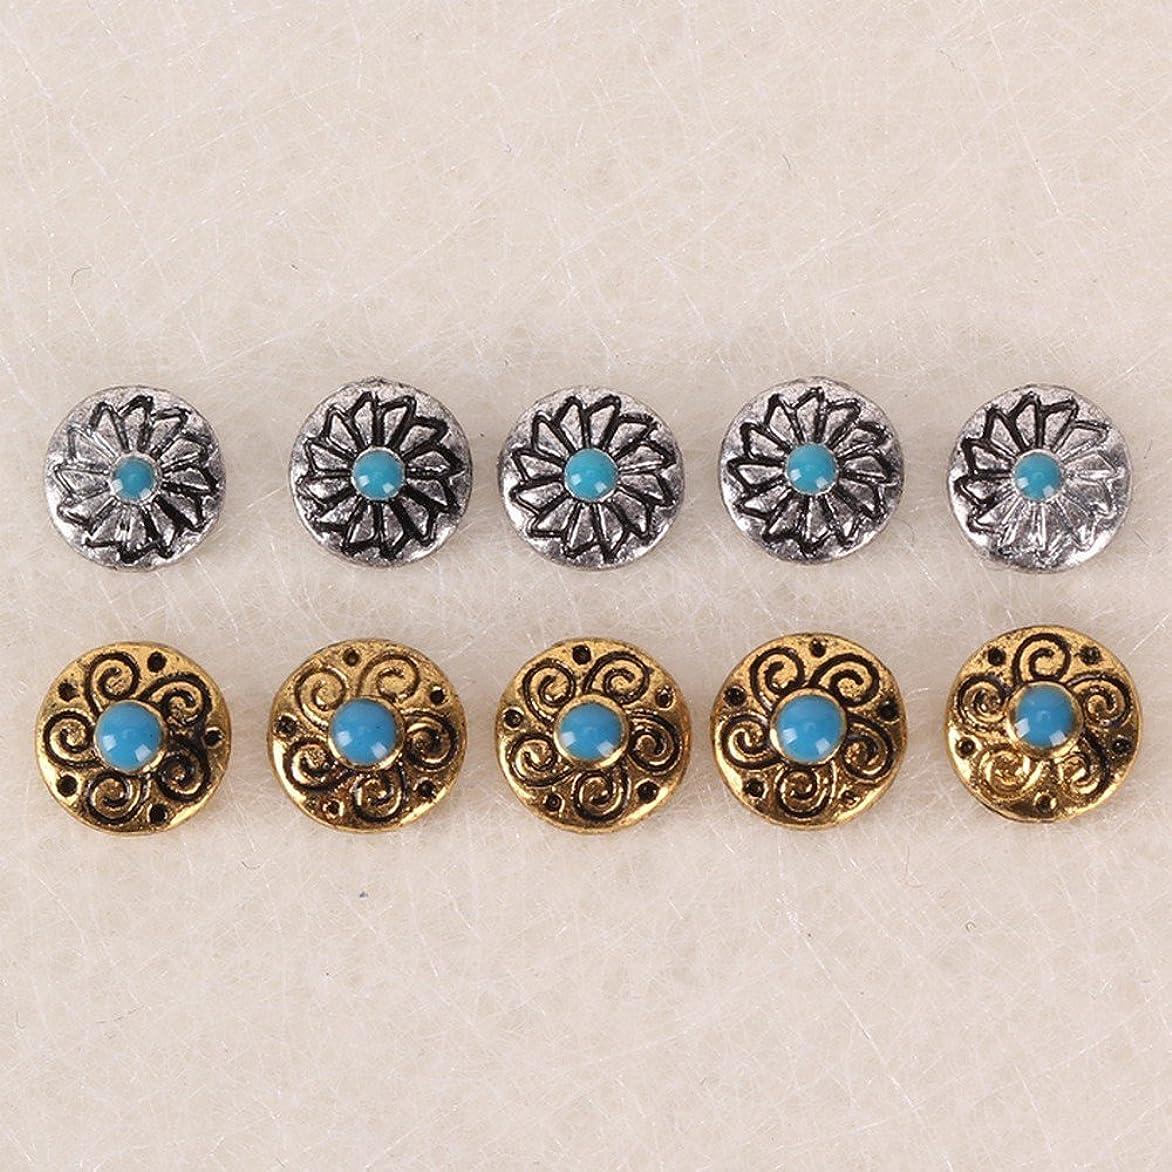 時計テクニカル落ちたネイルパーツ ネイル用品 ターコイズストーンパーツコンチョ パーツ ミニ コンチョ 約5mm 10個入り アンティーク風 ゴールド/シルバーの2色